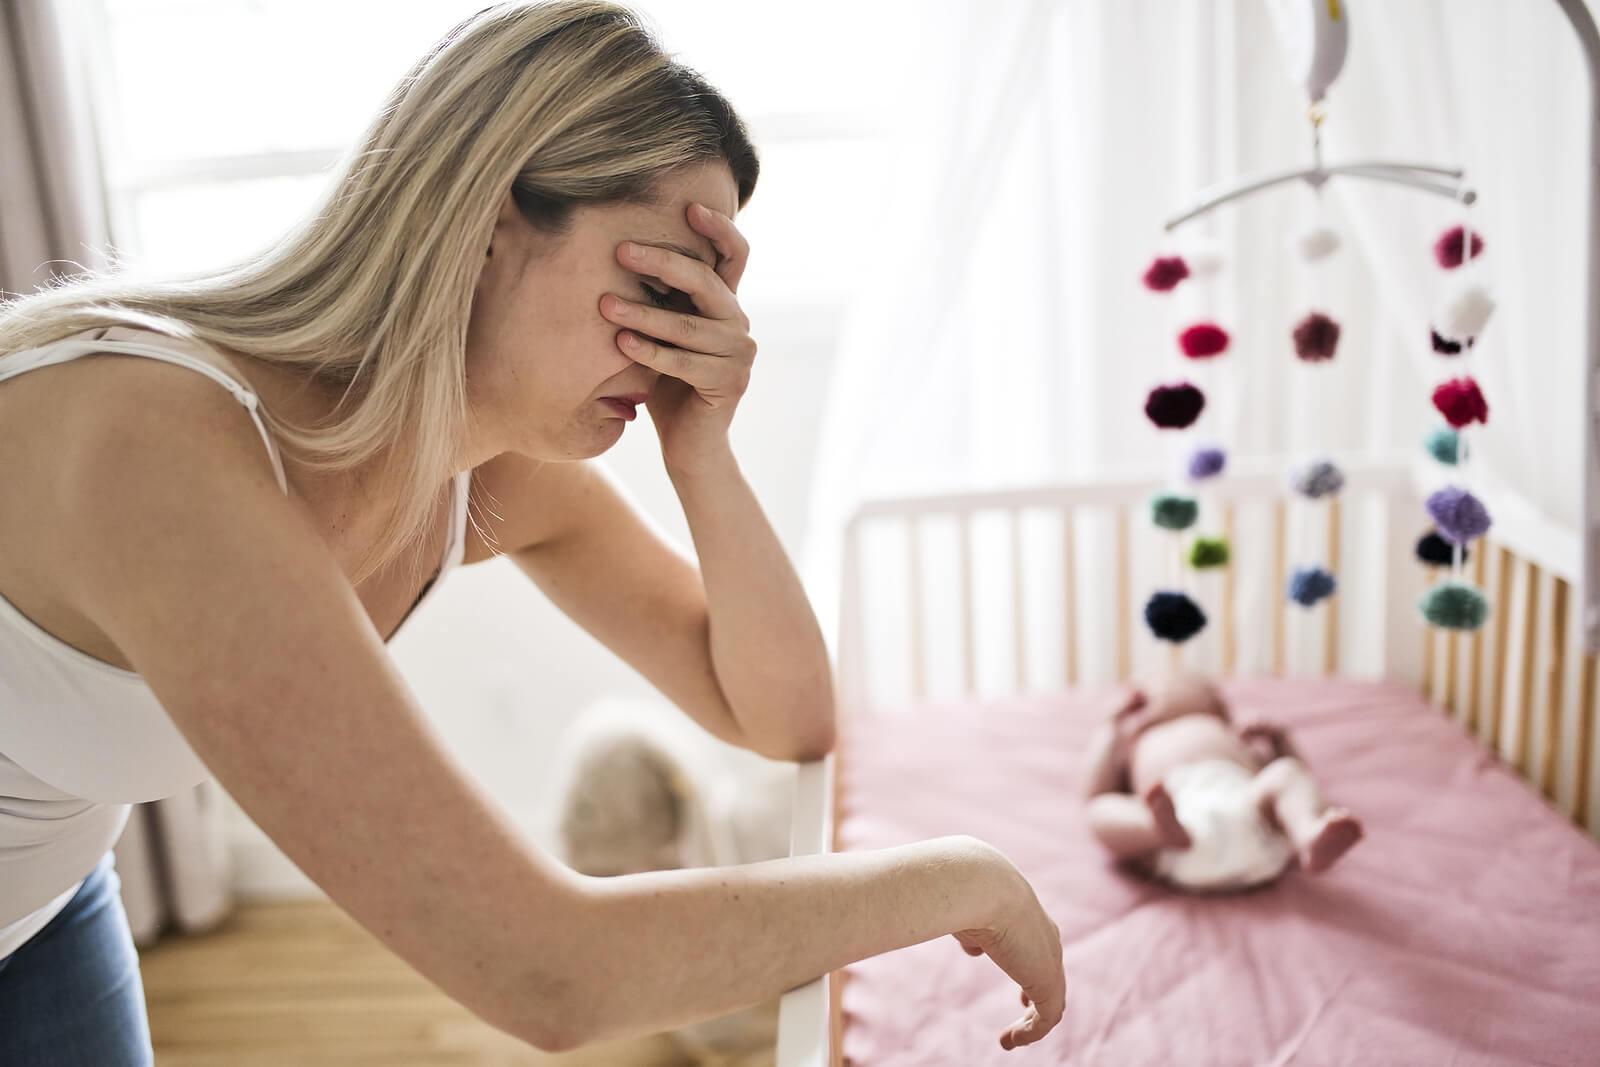 Madre llorando porque padece depresión posparto y rechazo hacia su hijo.